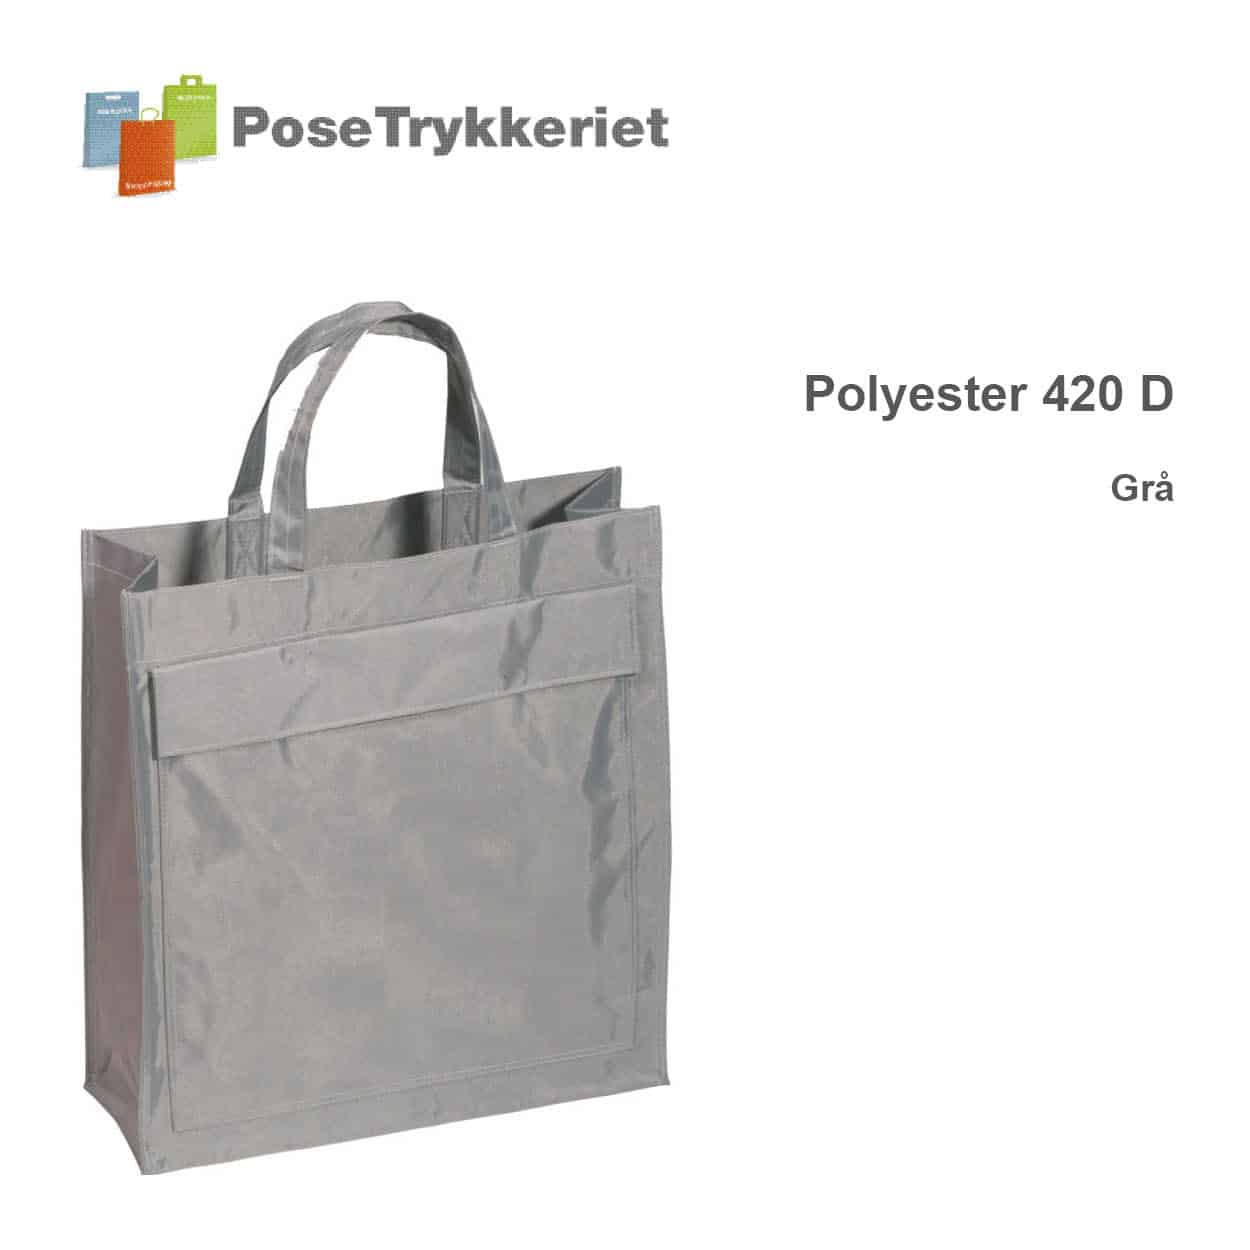 Grå revisorpose 420 D, PoseTrykkeriet.dk